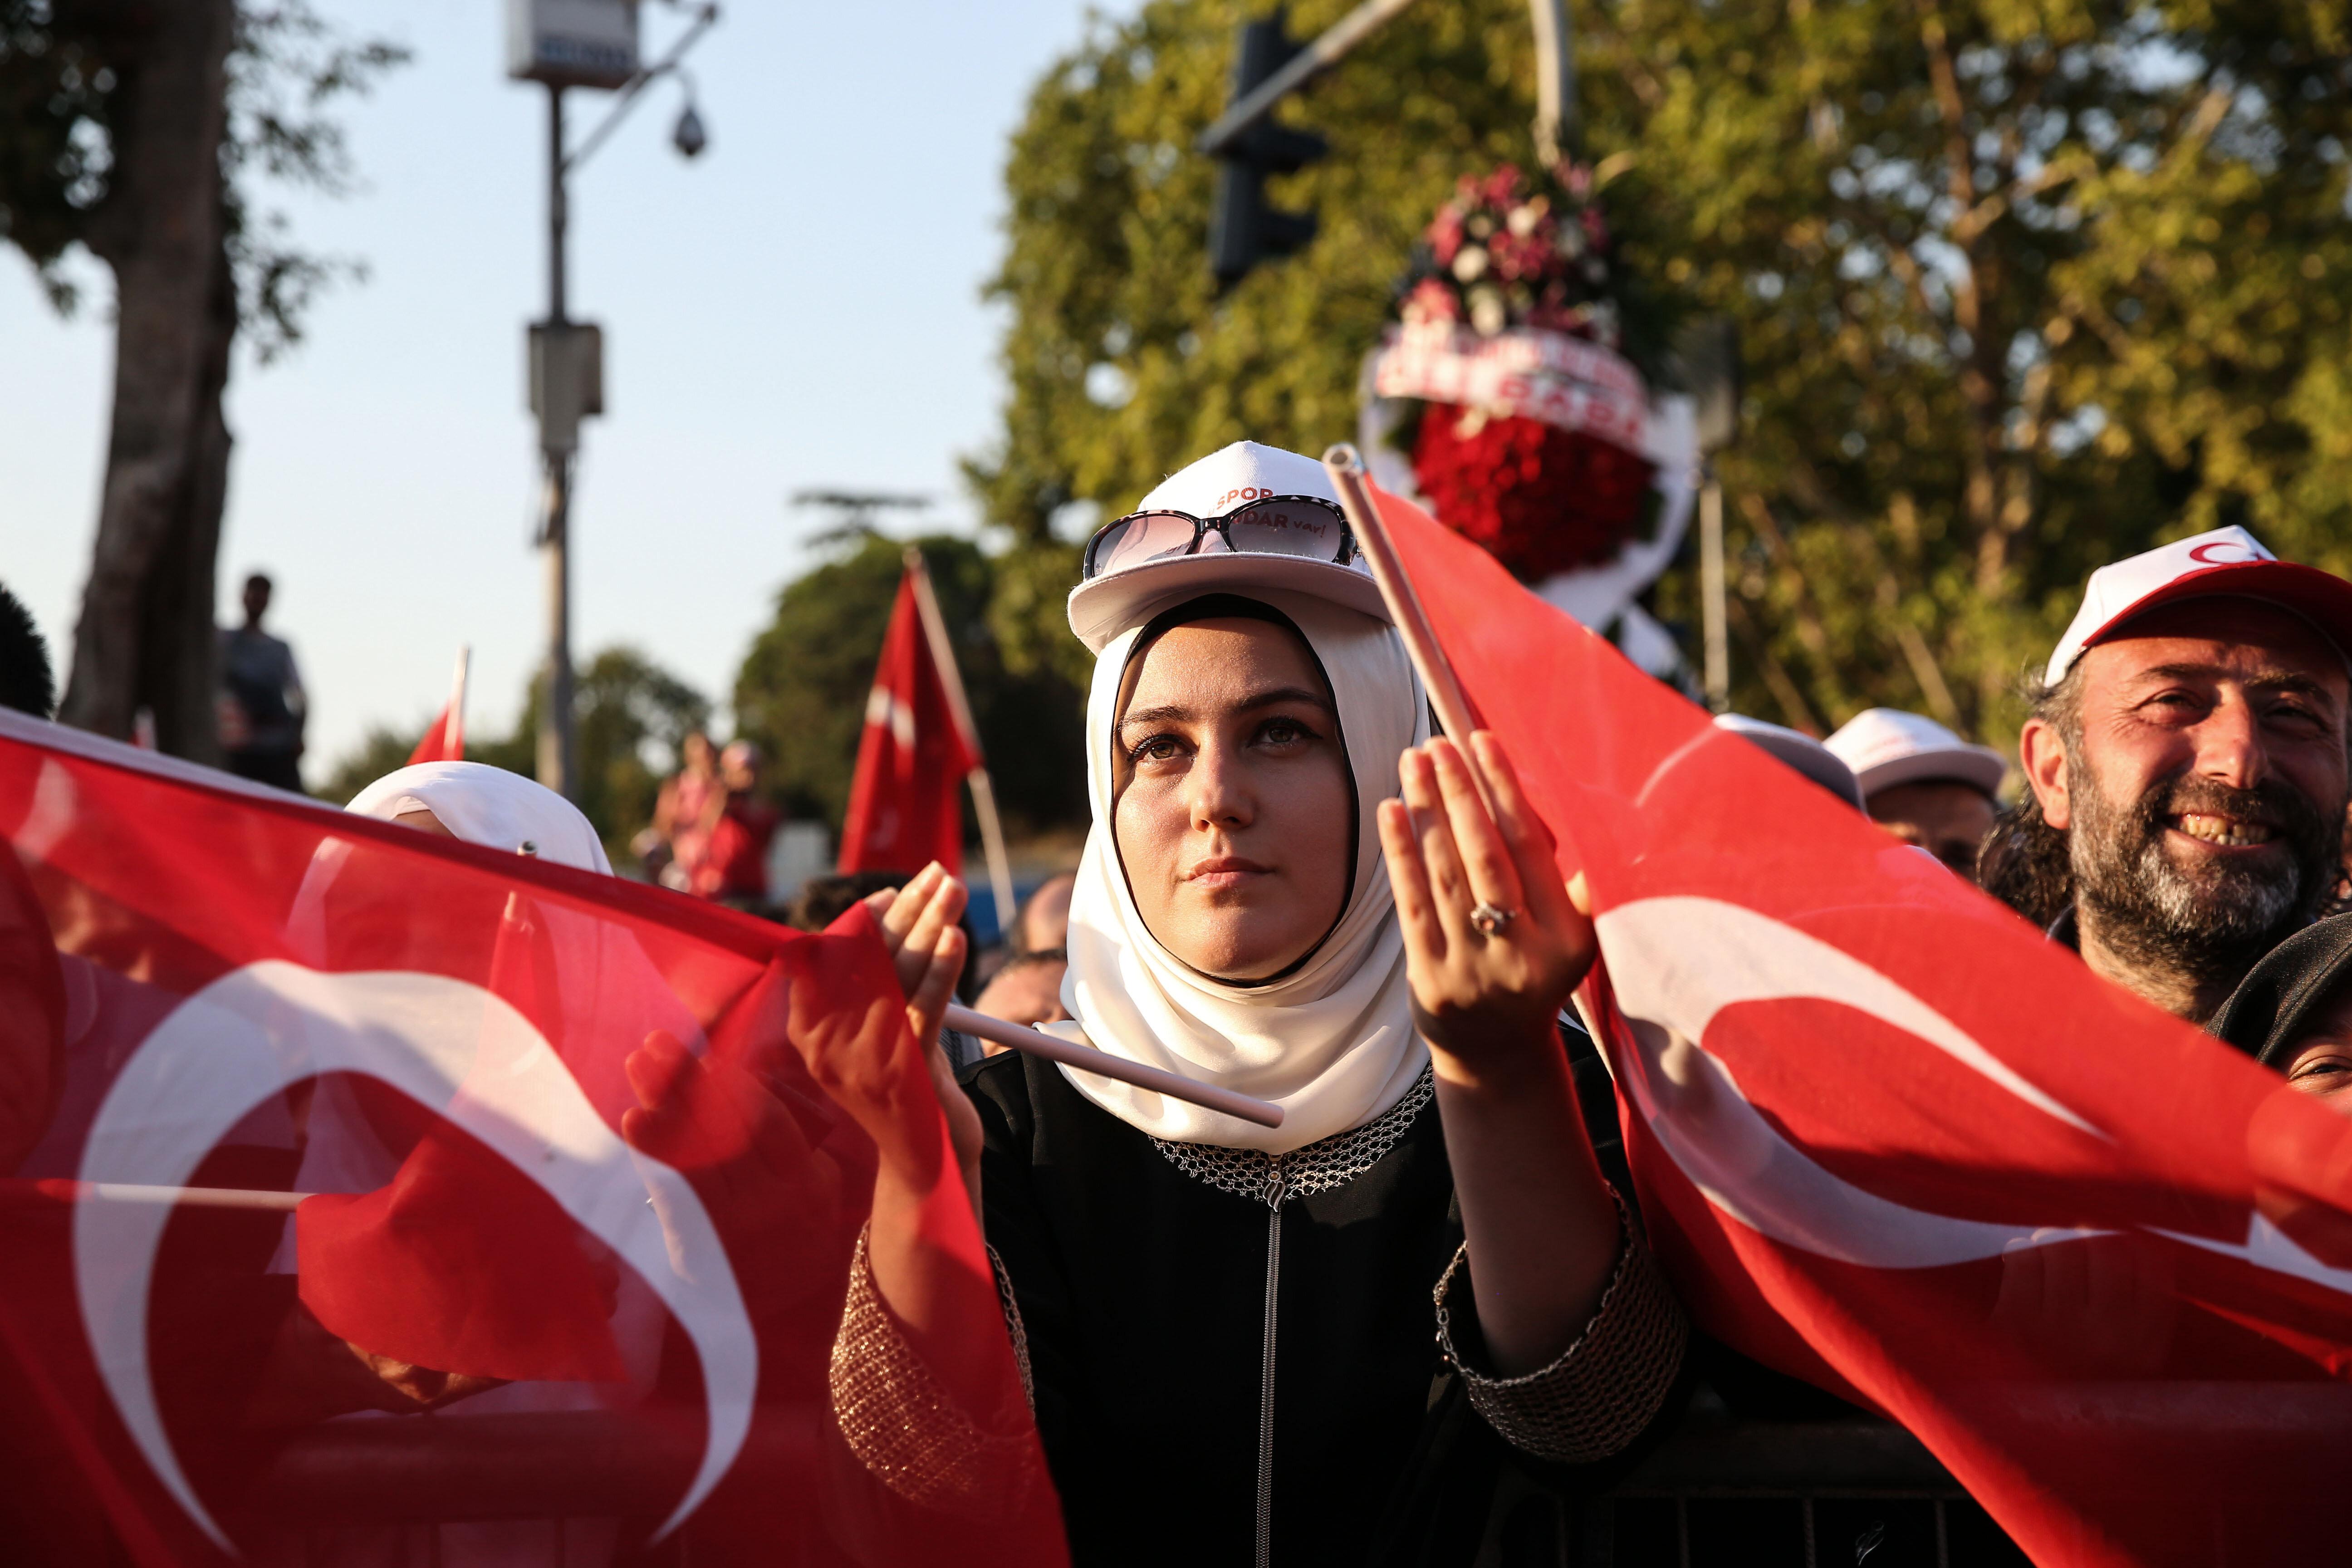 Ellerinde Türk bayrağı ile dua eden bir vatandaş.